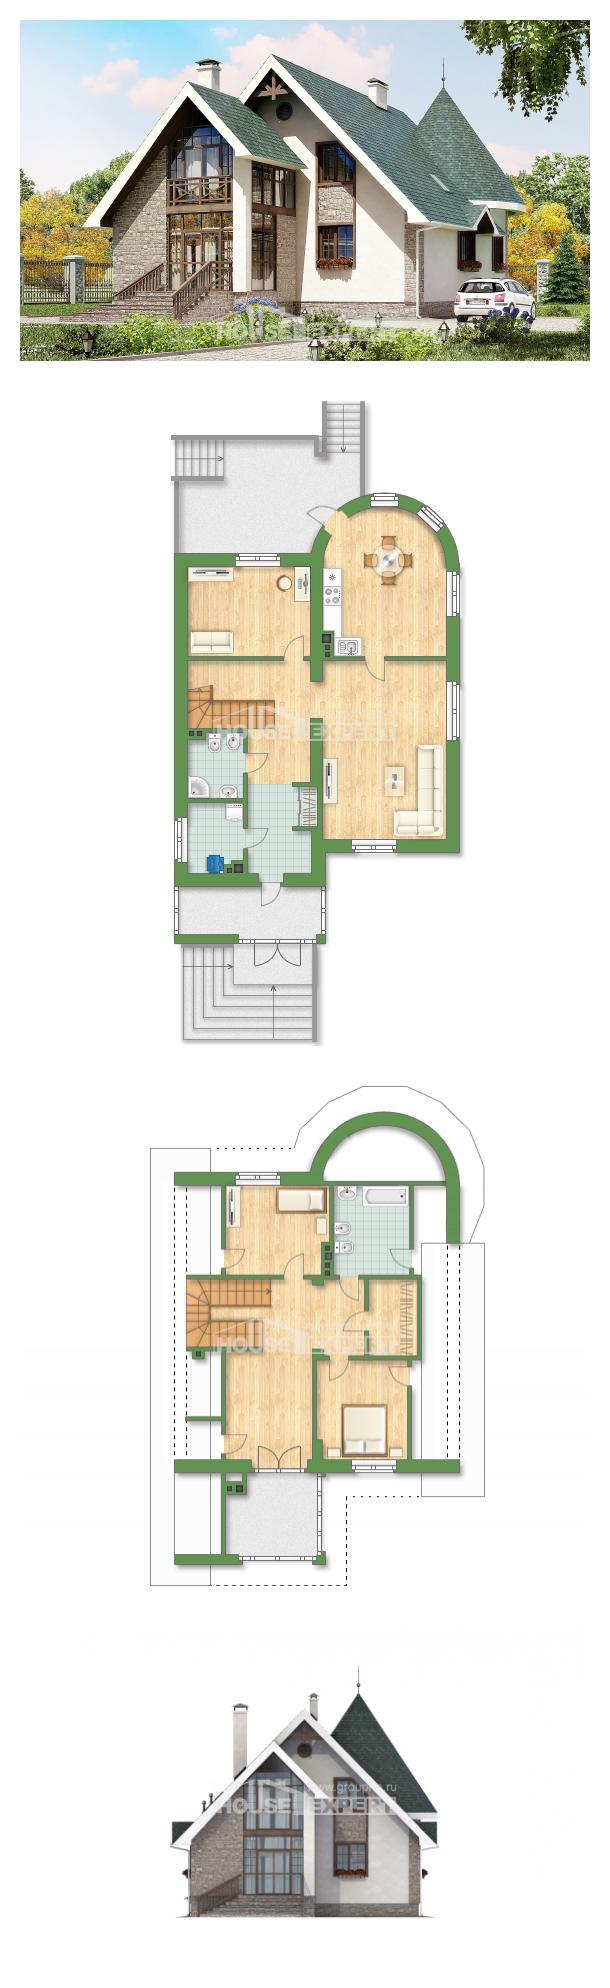 Plan 170-003-L | House Expert